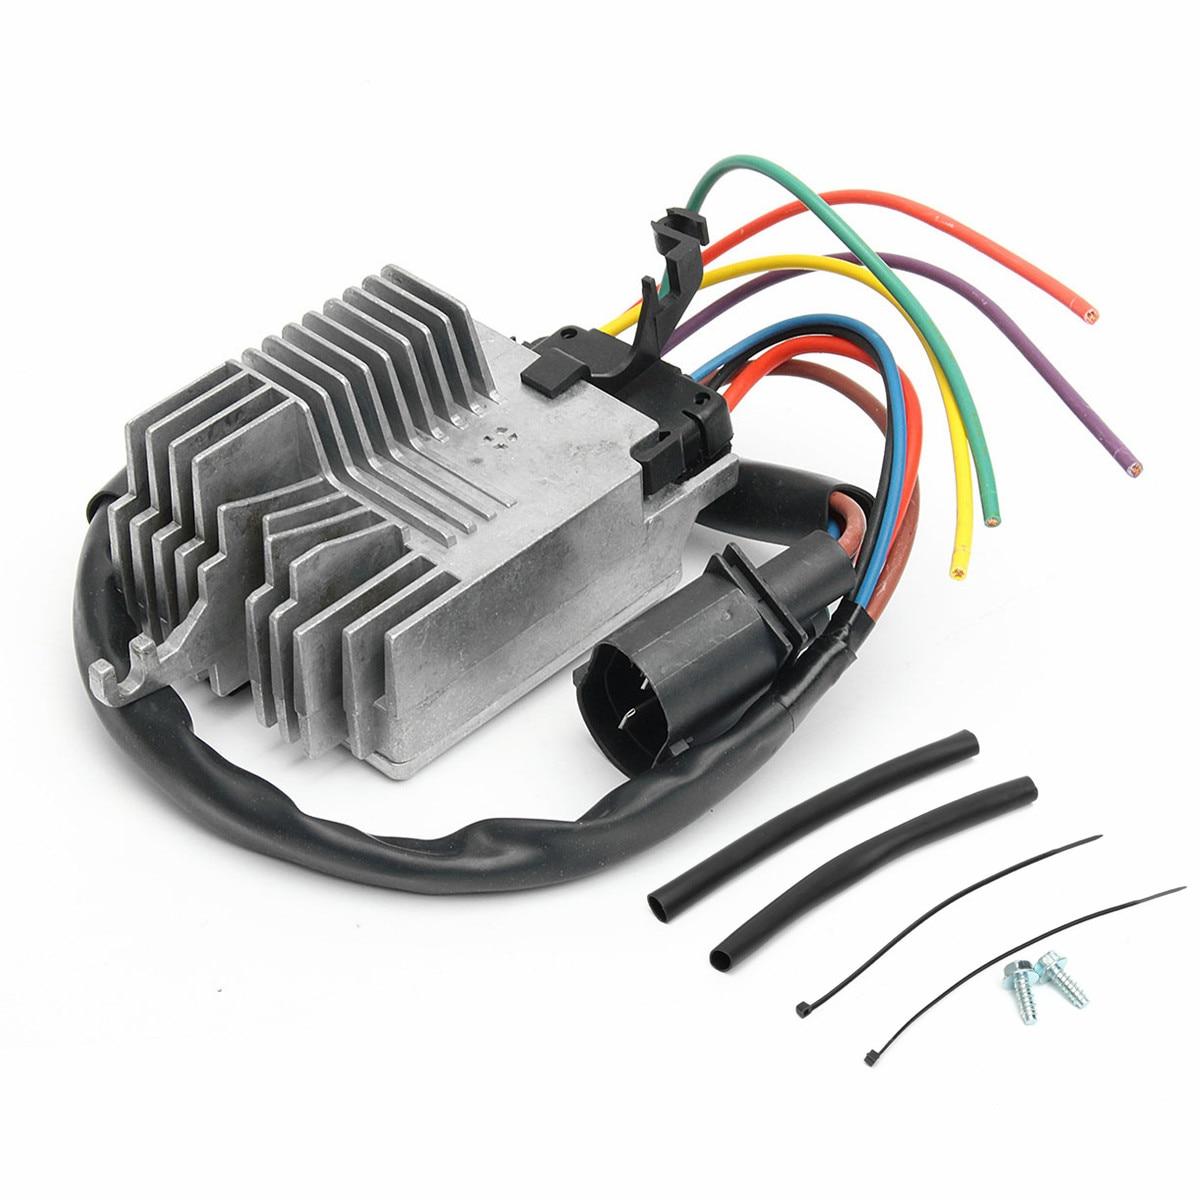 Module de commande de ventilateur de refroidissement de radiateur de voiture pour Audi A4/A4 Quattro 02-09 8E0959501AG plastique et acier